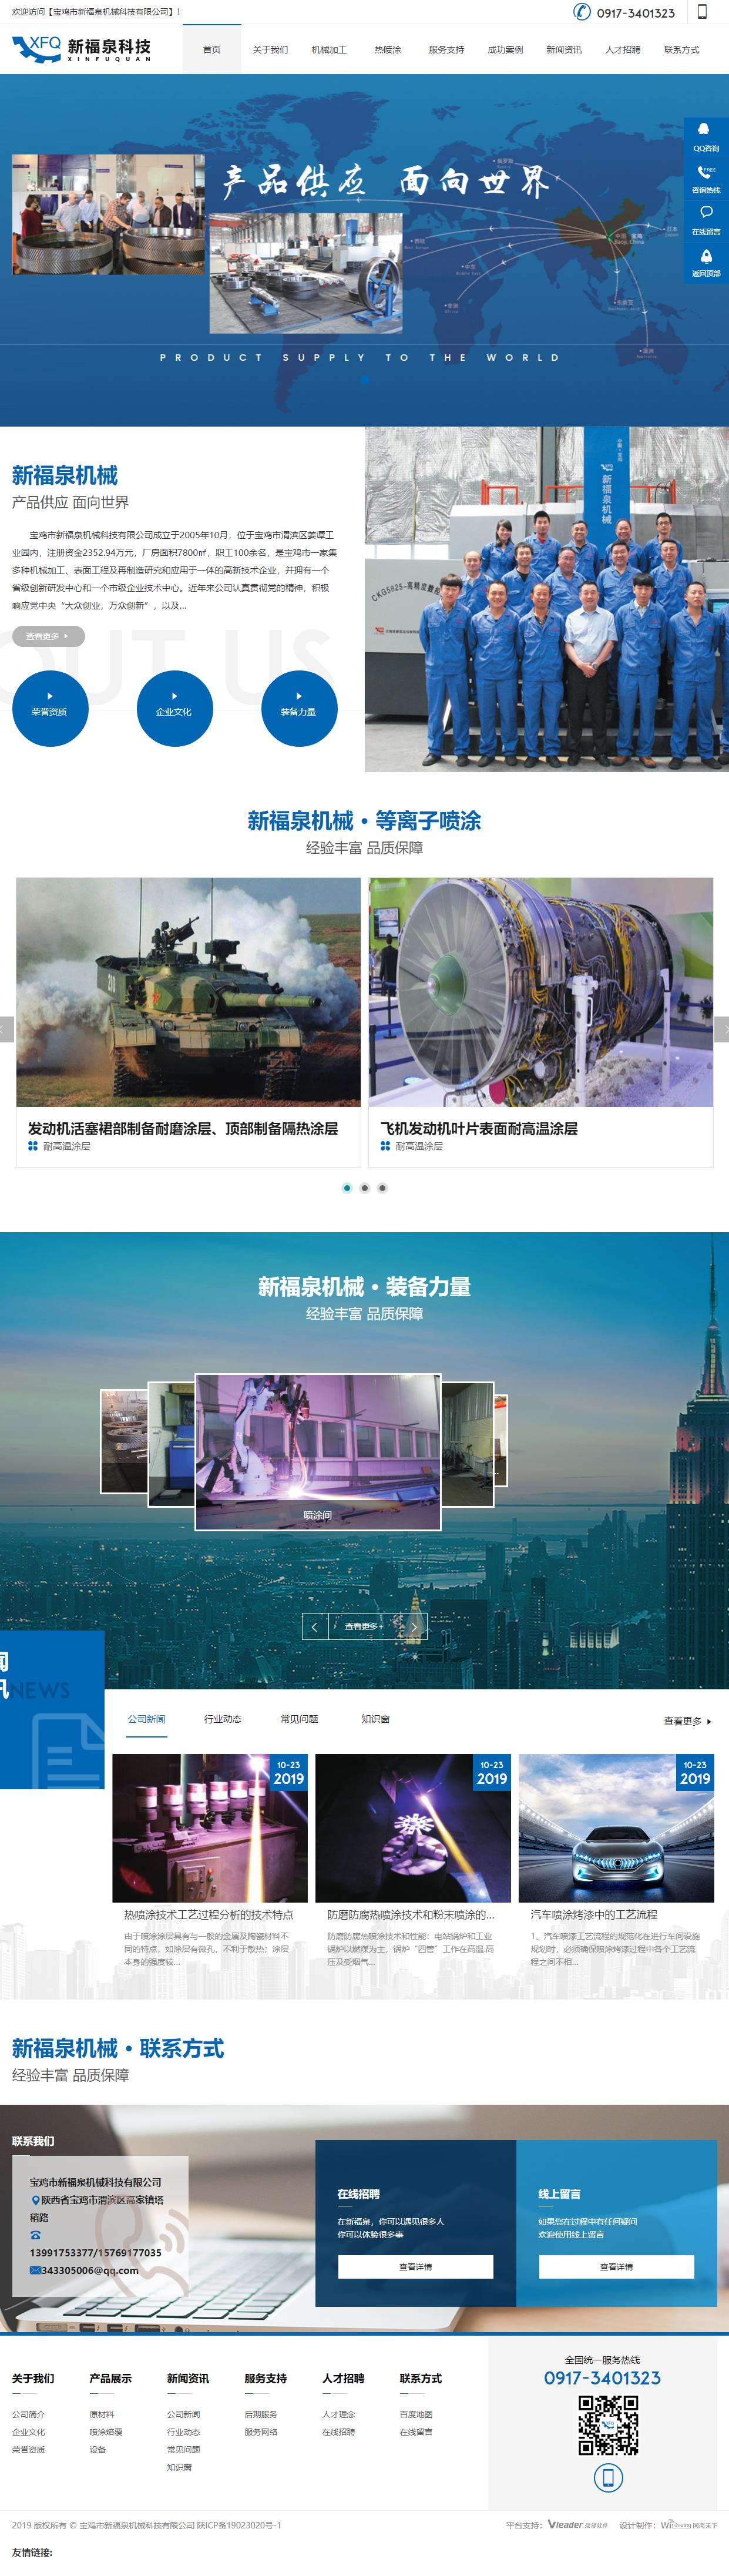 宝鸡市新福泉机械科技有限公司网站案例